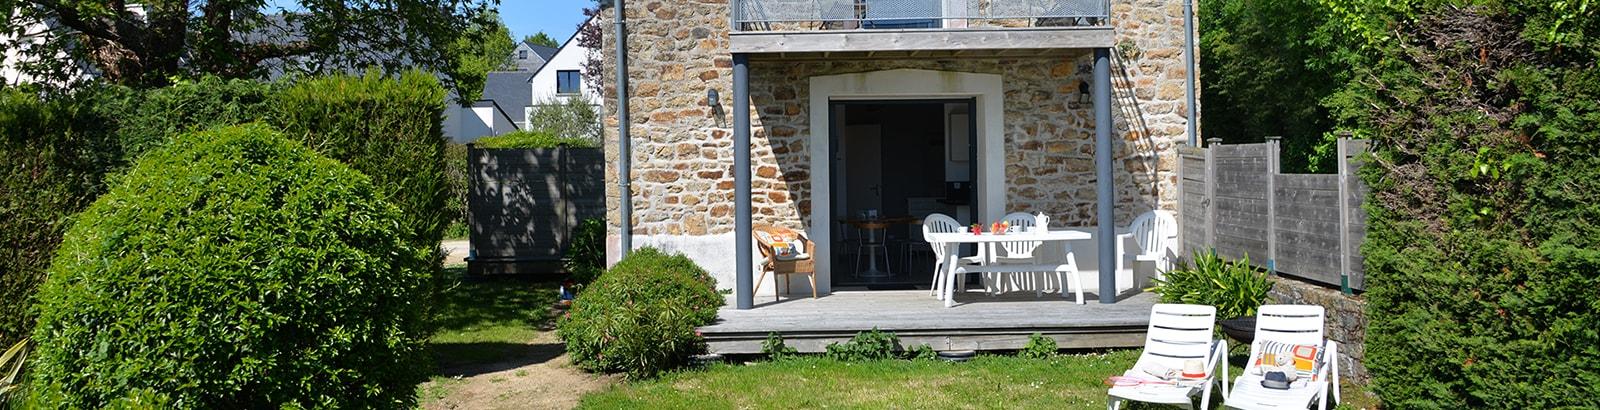 Vakantie huis La Grange voor 4 personen